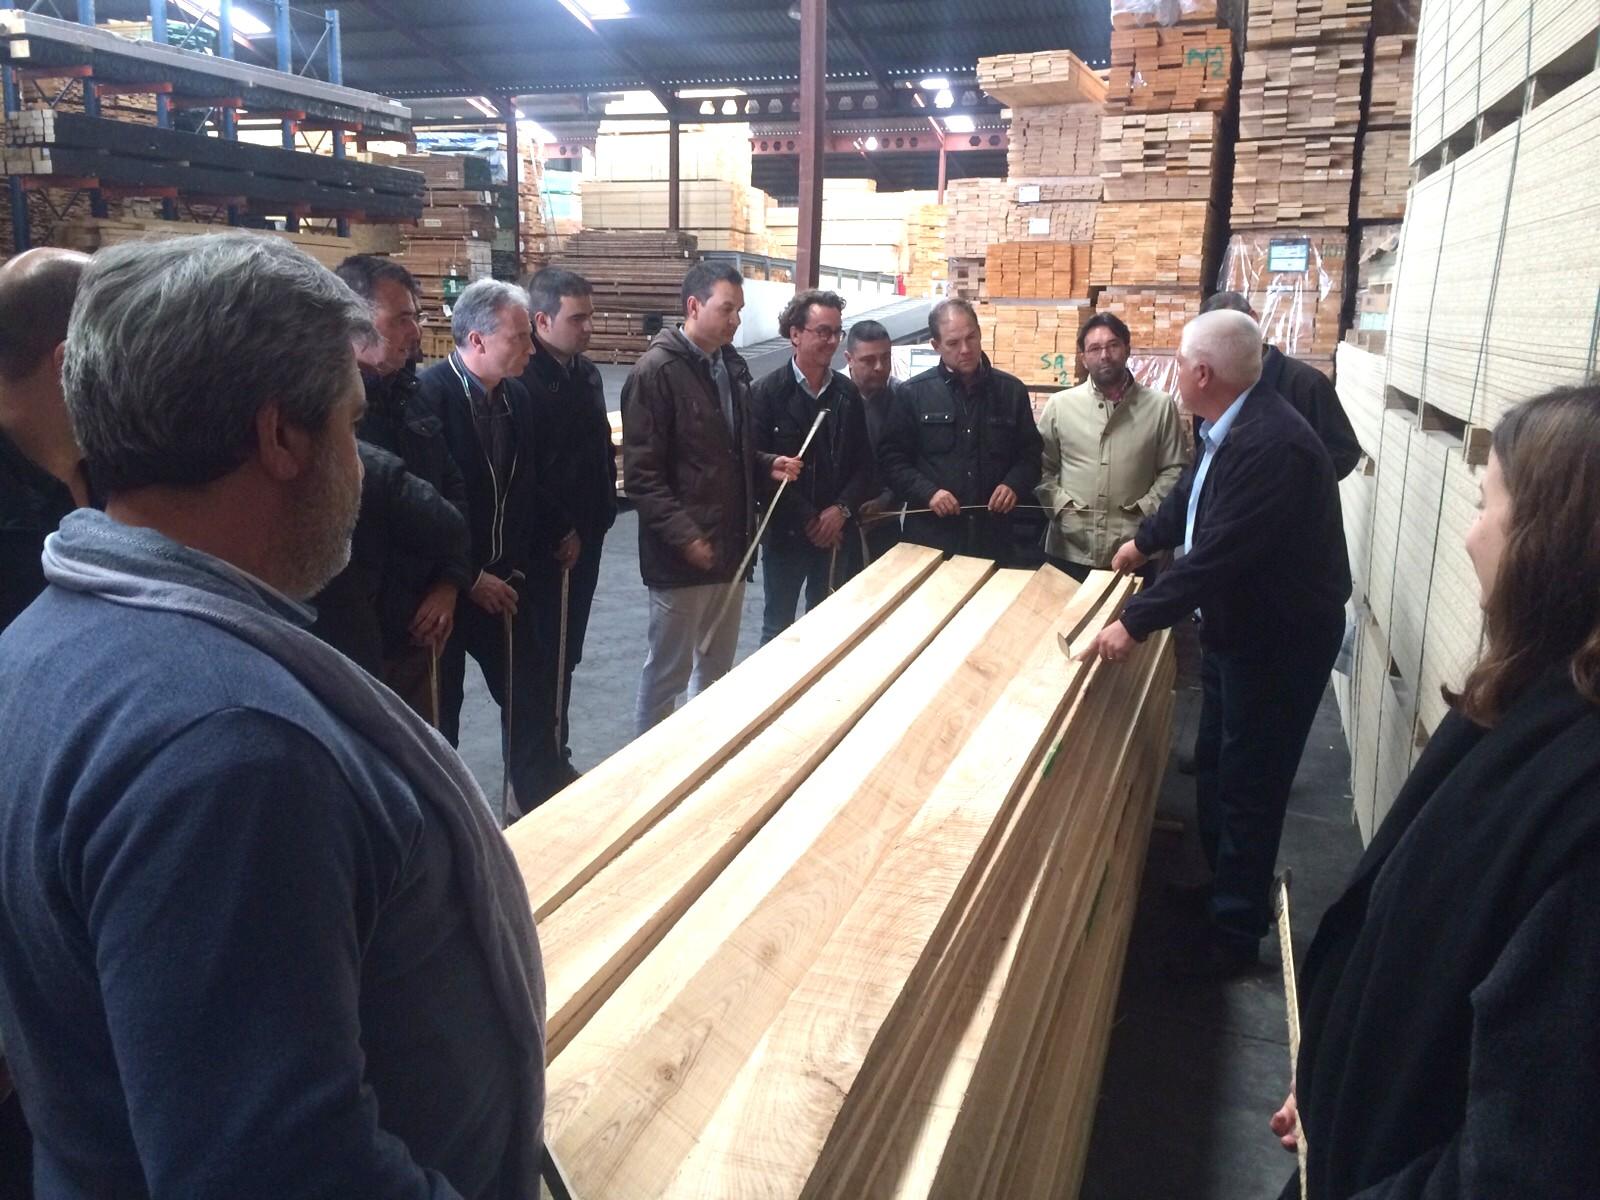 Hoy comienzan los cursos de clasificaci n de maderas de frondosas usa organizados por ahec para - Maderas alberch ...